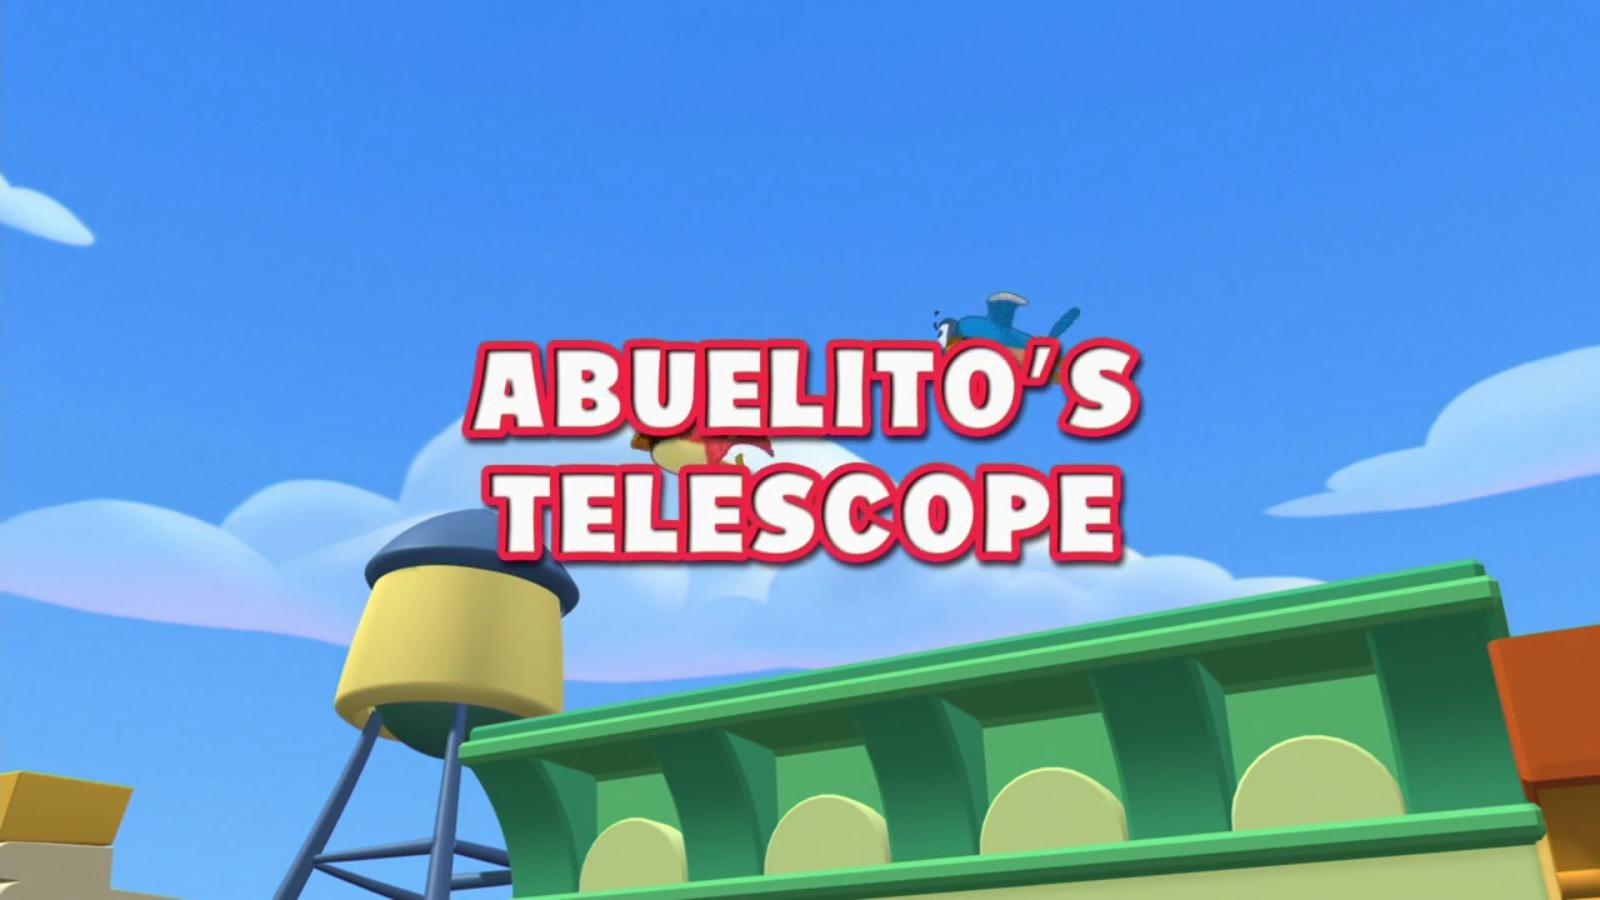 Abuelito's Telescope